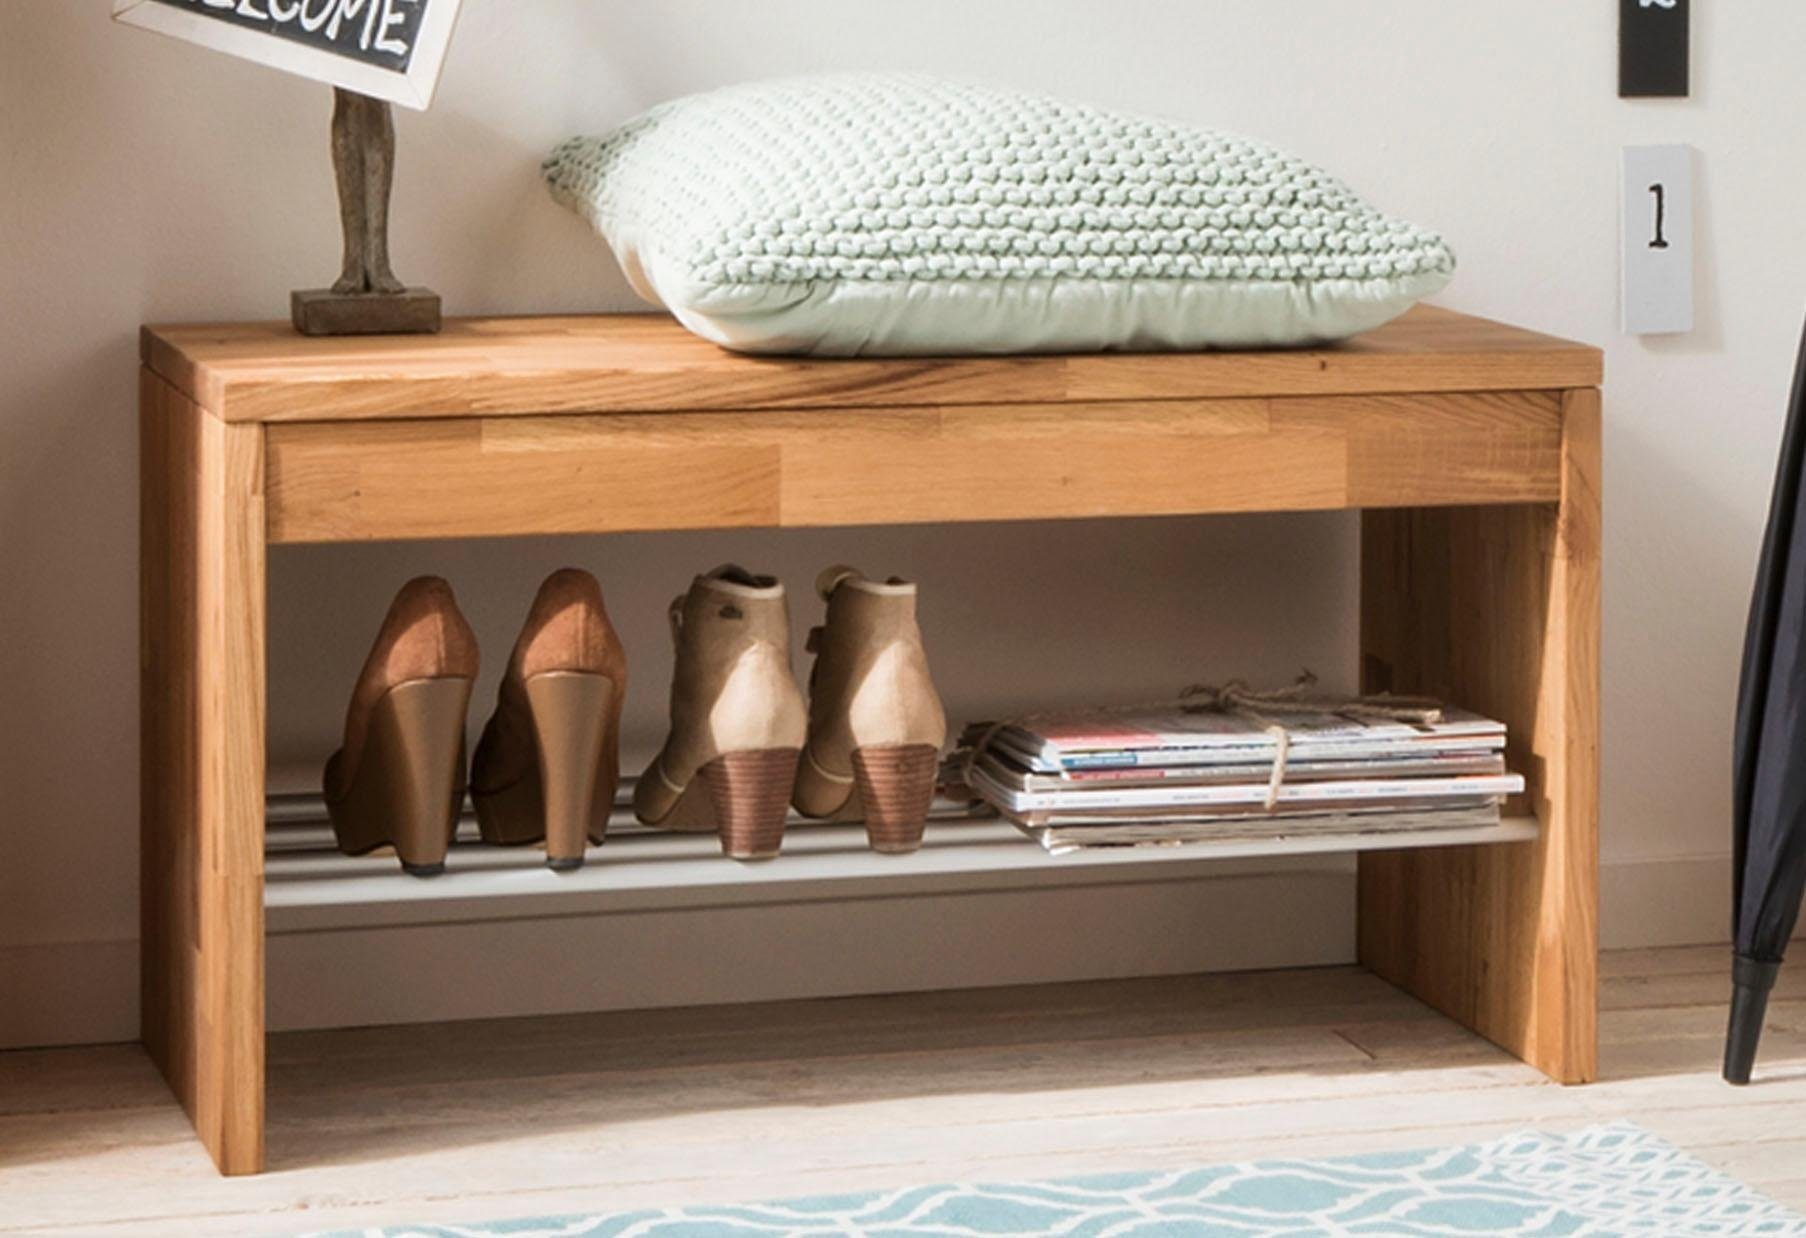 Home affaire Bank »Dura« mit praktischer Schuhablage, Breite 82 cm